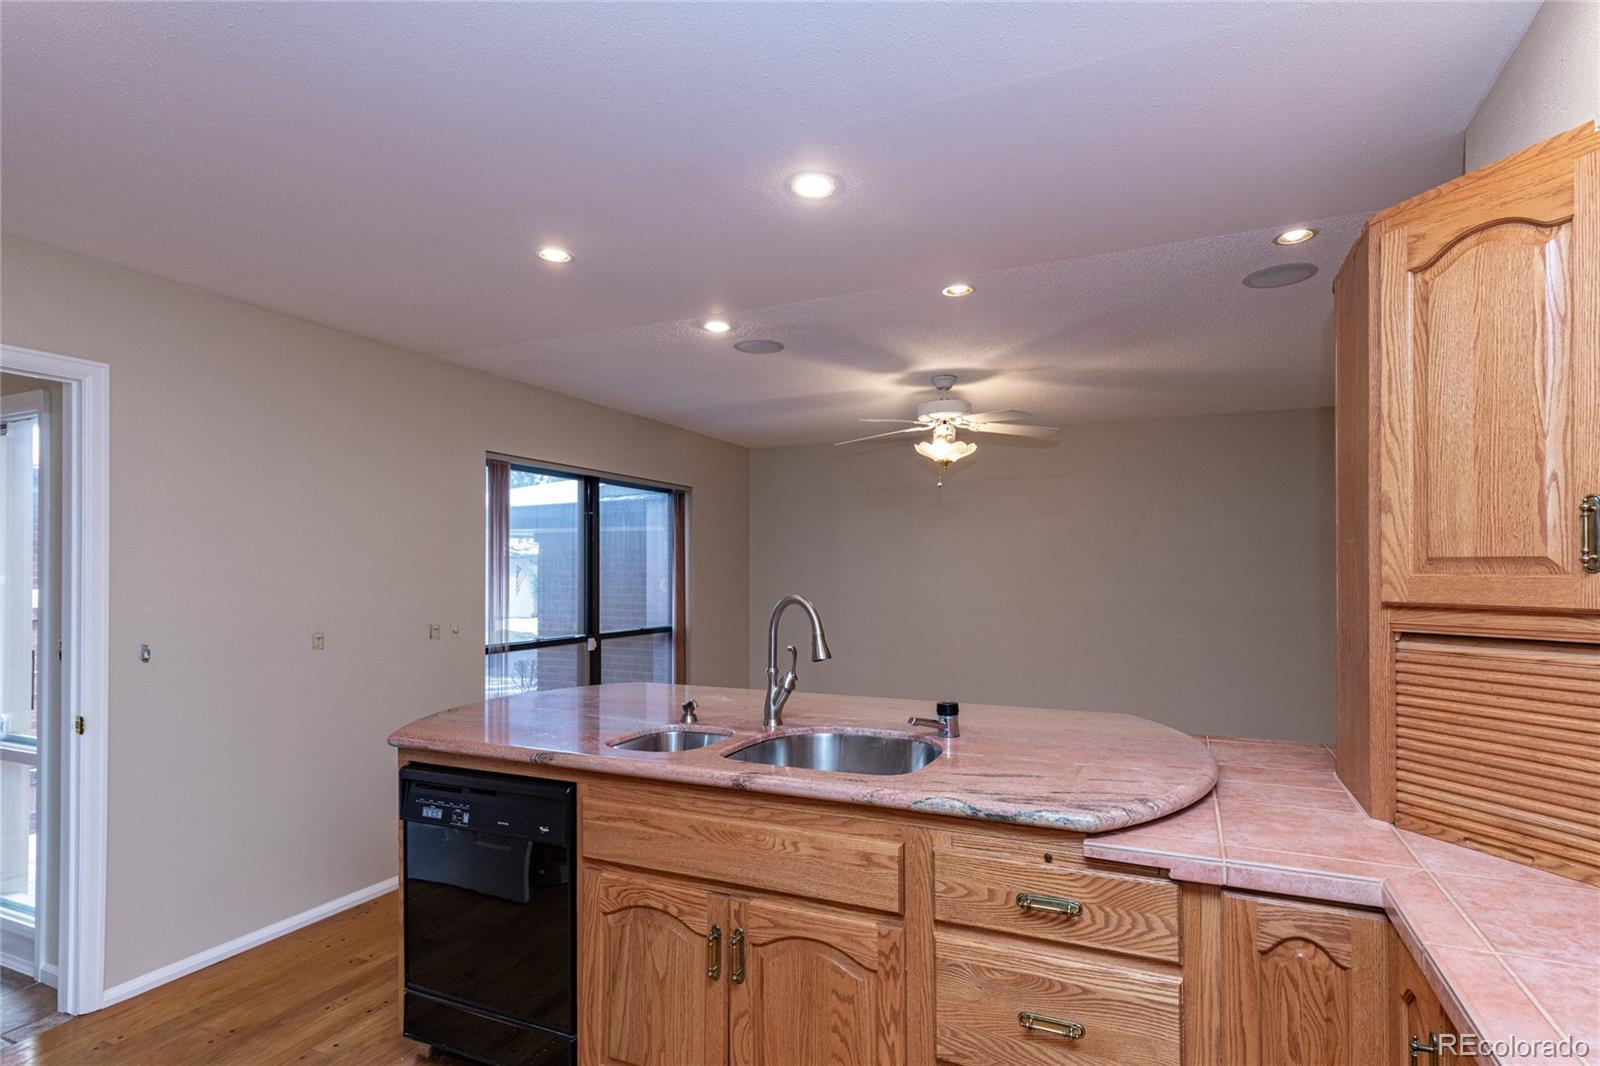 MLS# 8955616 - 7 - 6000 W Mansfield Avenue #15, Denver, CO 80235